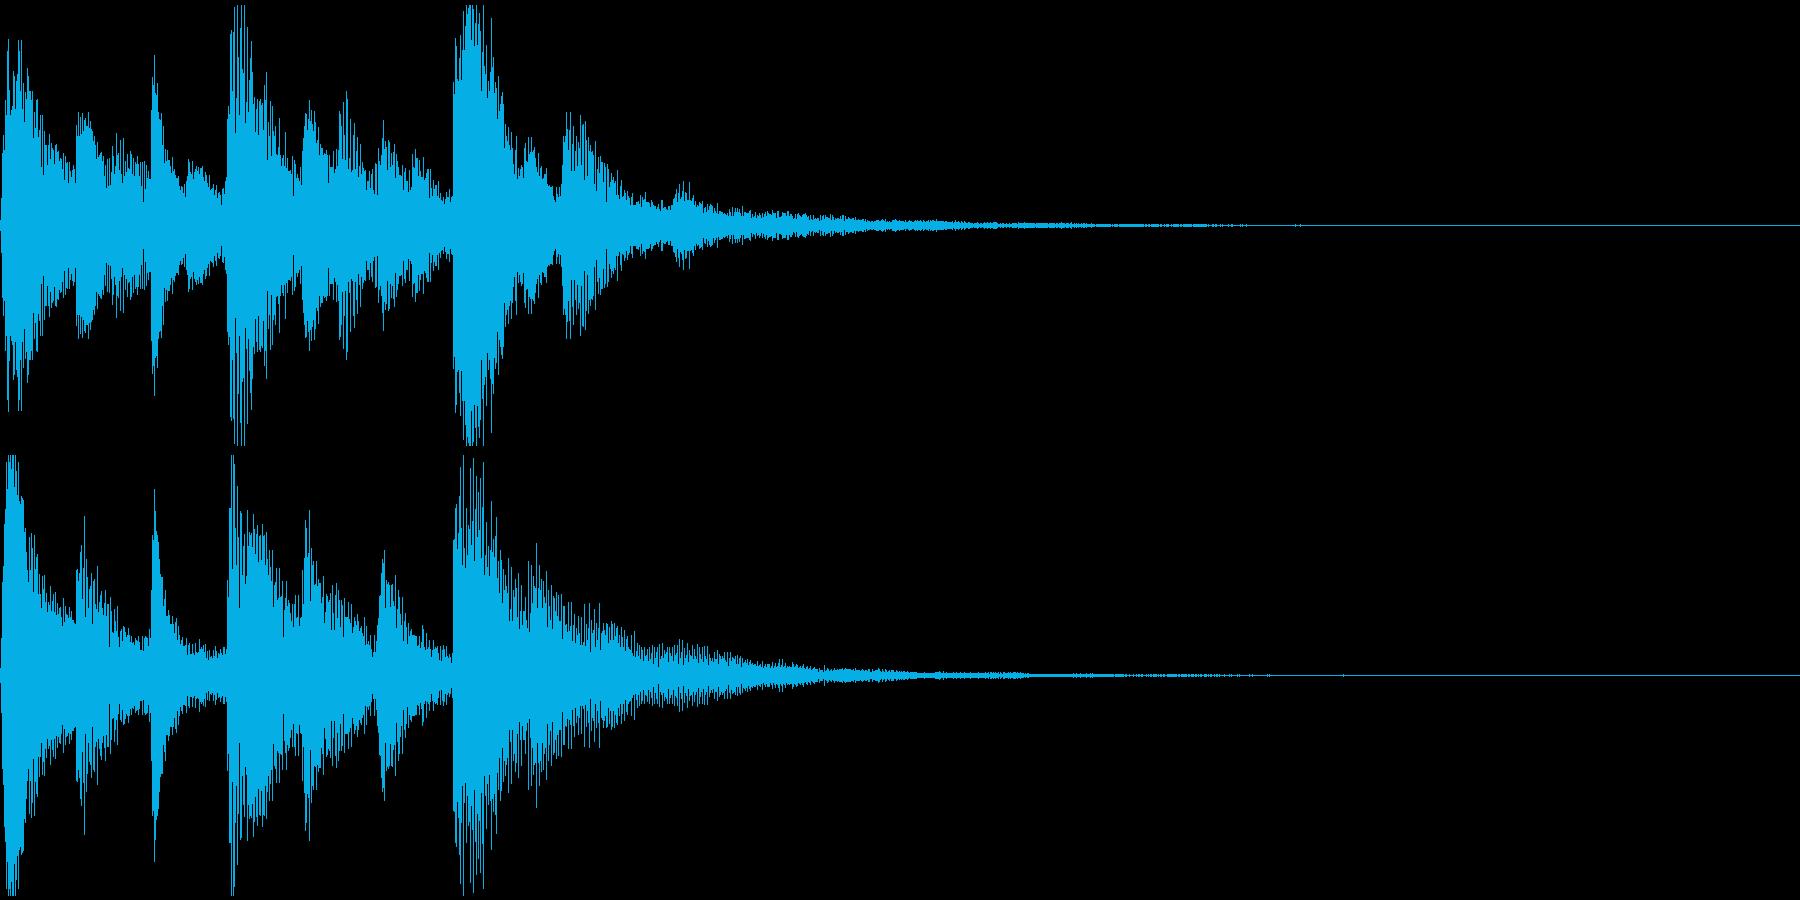 ジングル (ピアノ・場面転換・結果表示)の再生済みの波形